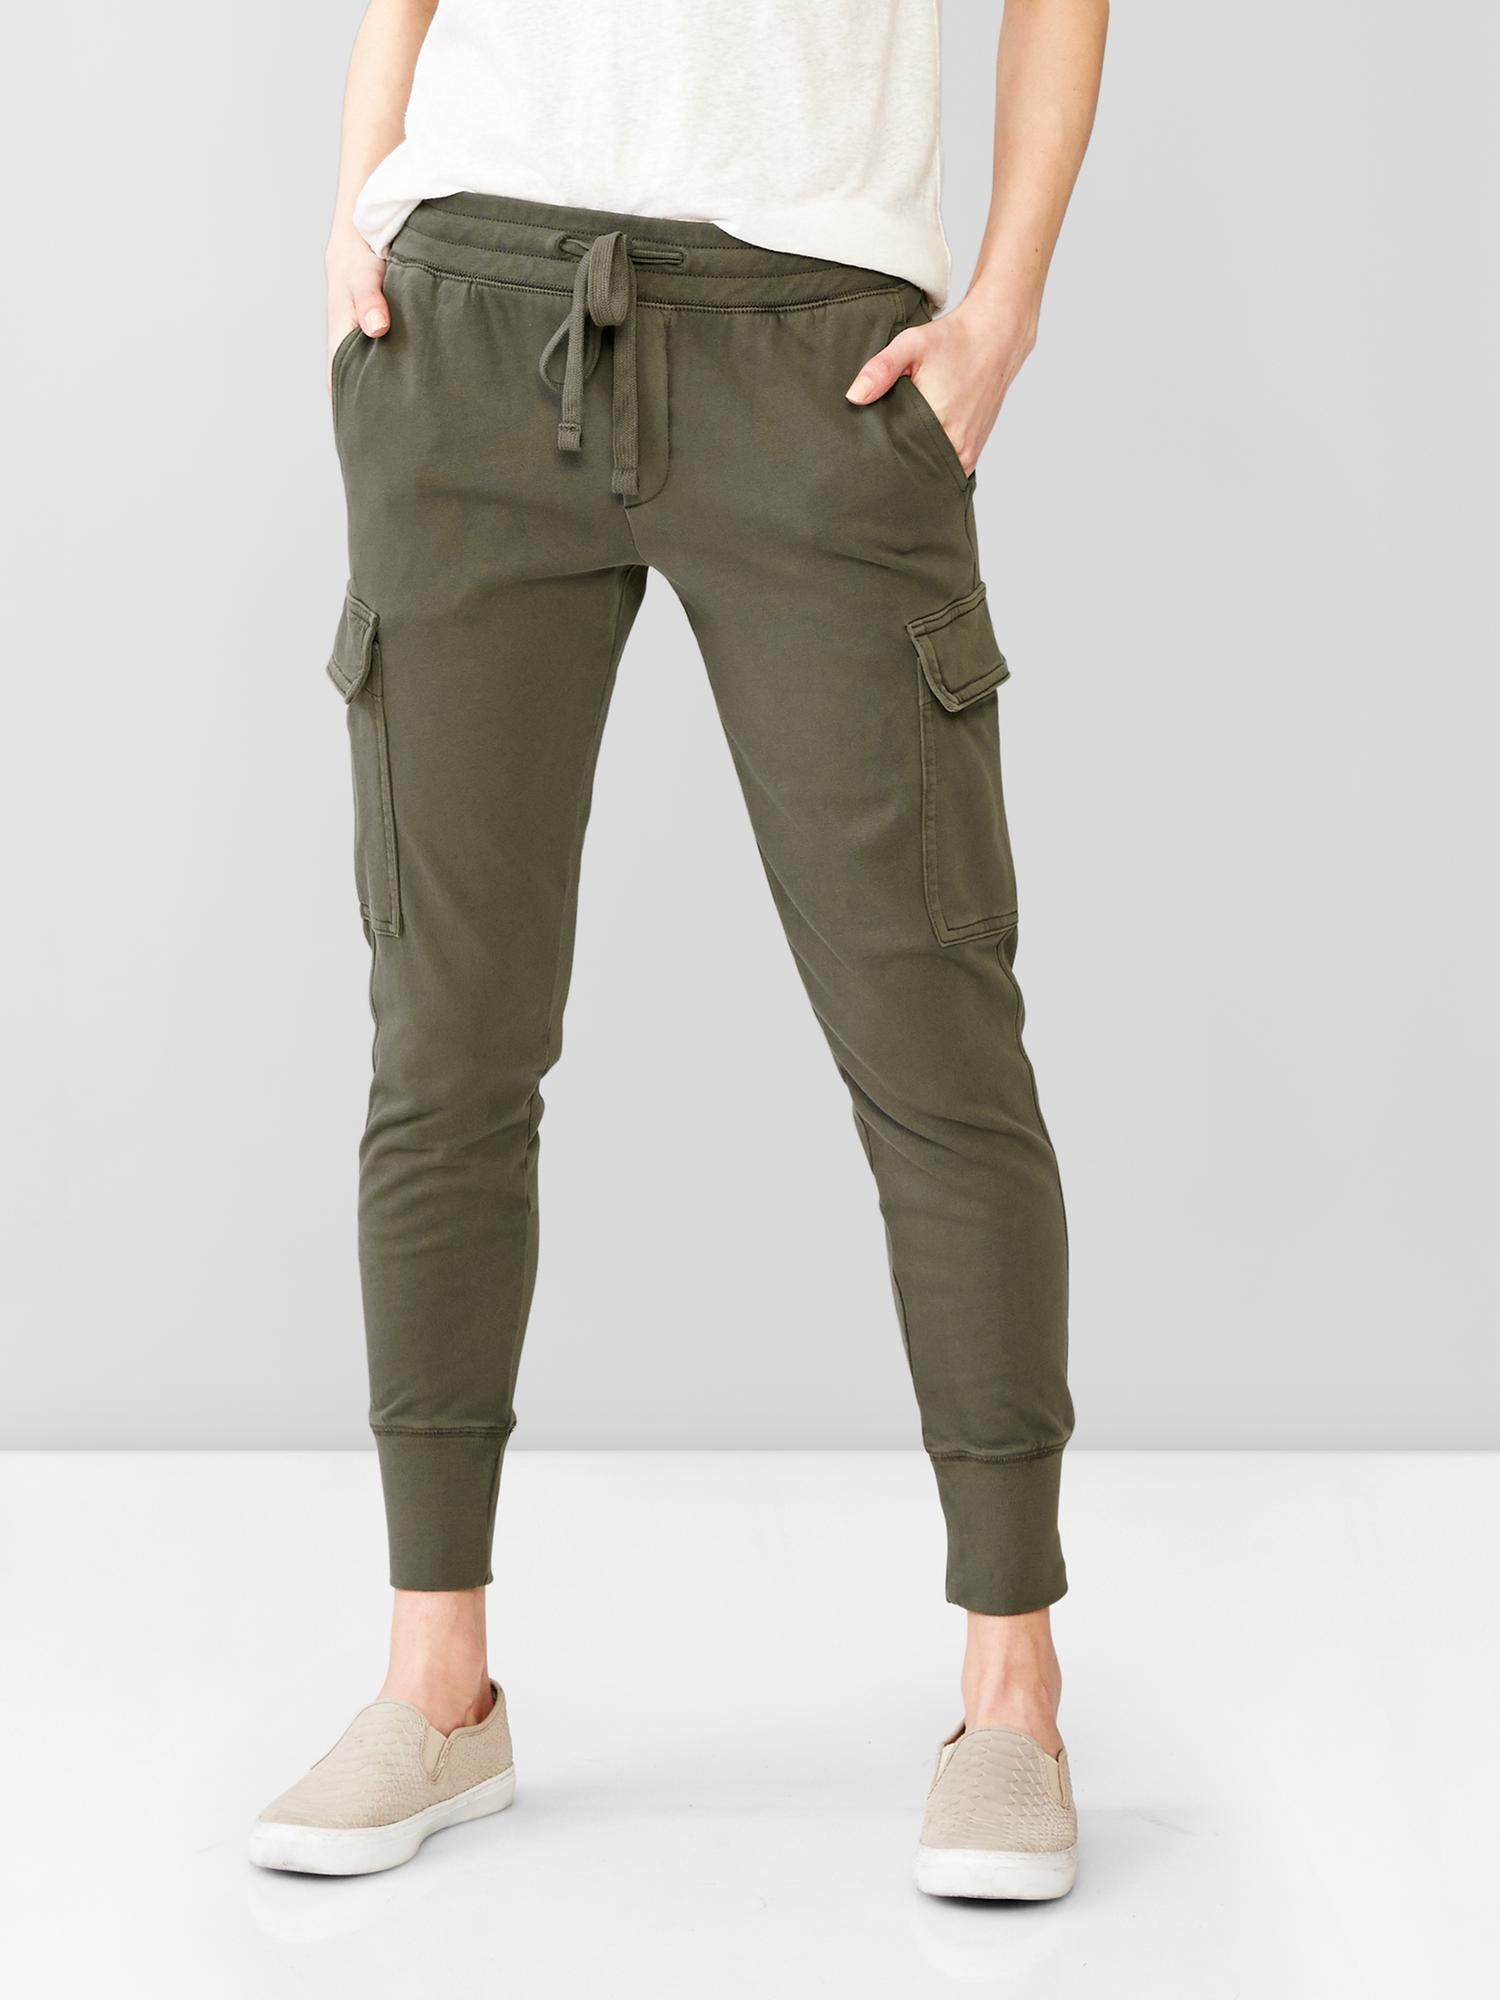 a48438d3 cool Модные женские брюки карго (50 фото) — С чем носить? | Мода in ...